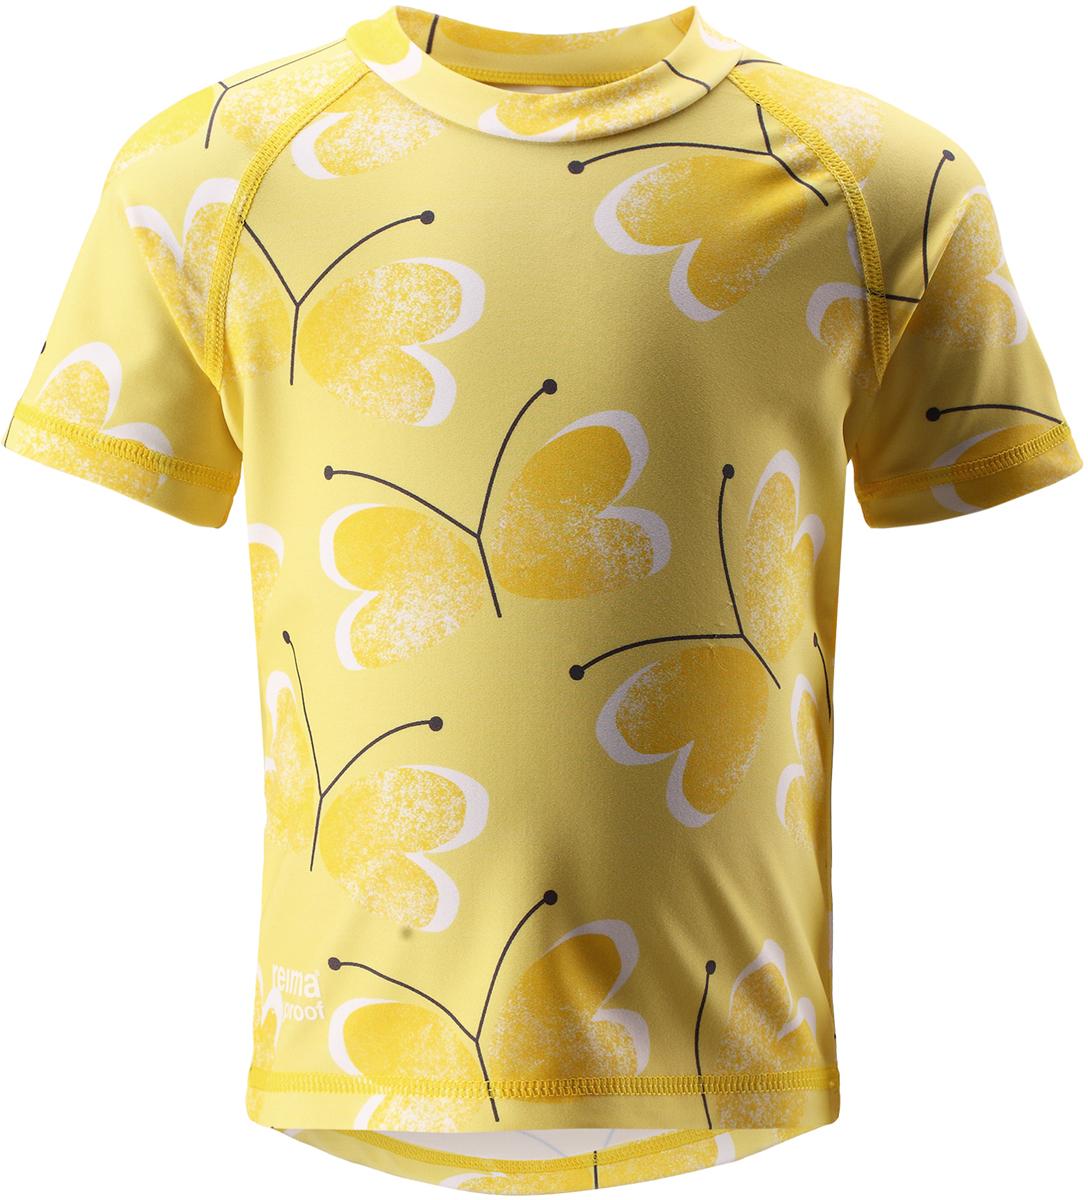 Футболка для плавания детская Reima Azores, цвет: желтый. 5163512333. Размер 985163512333